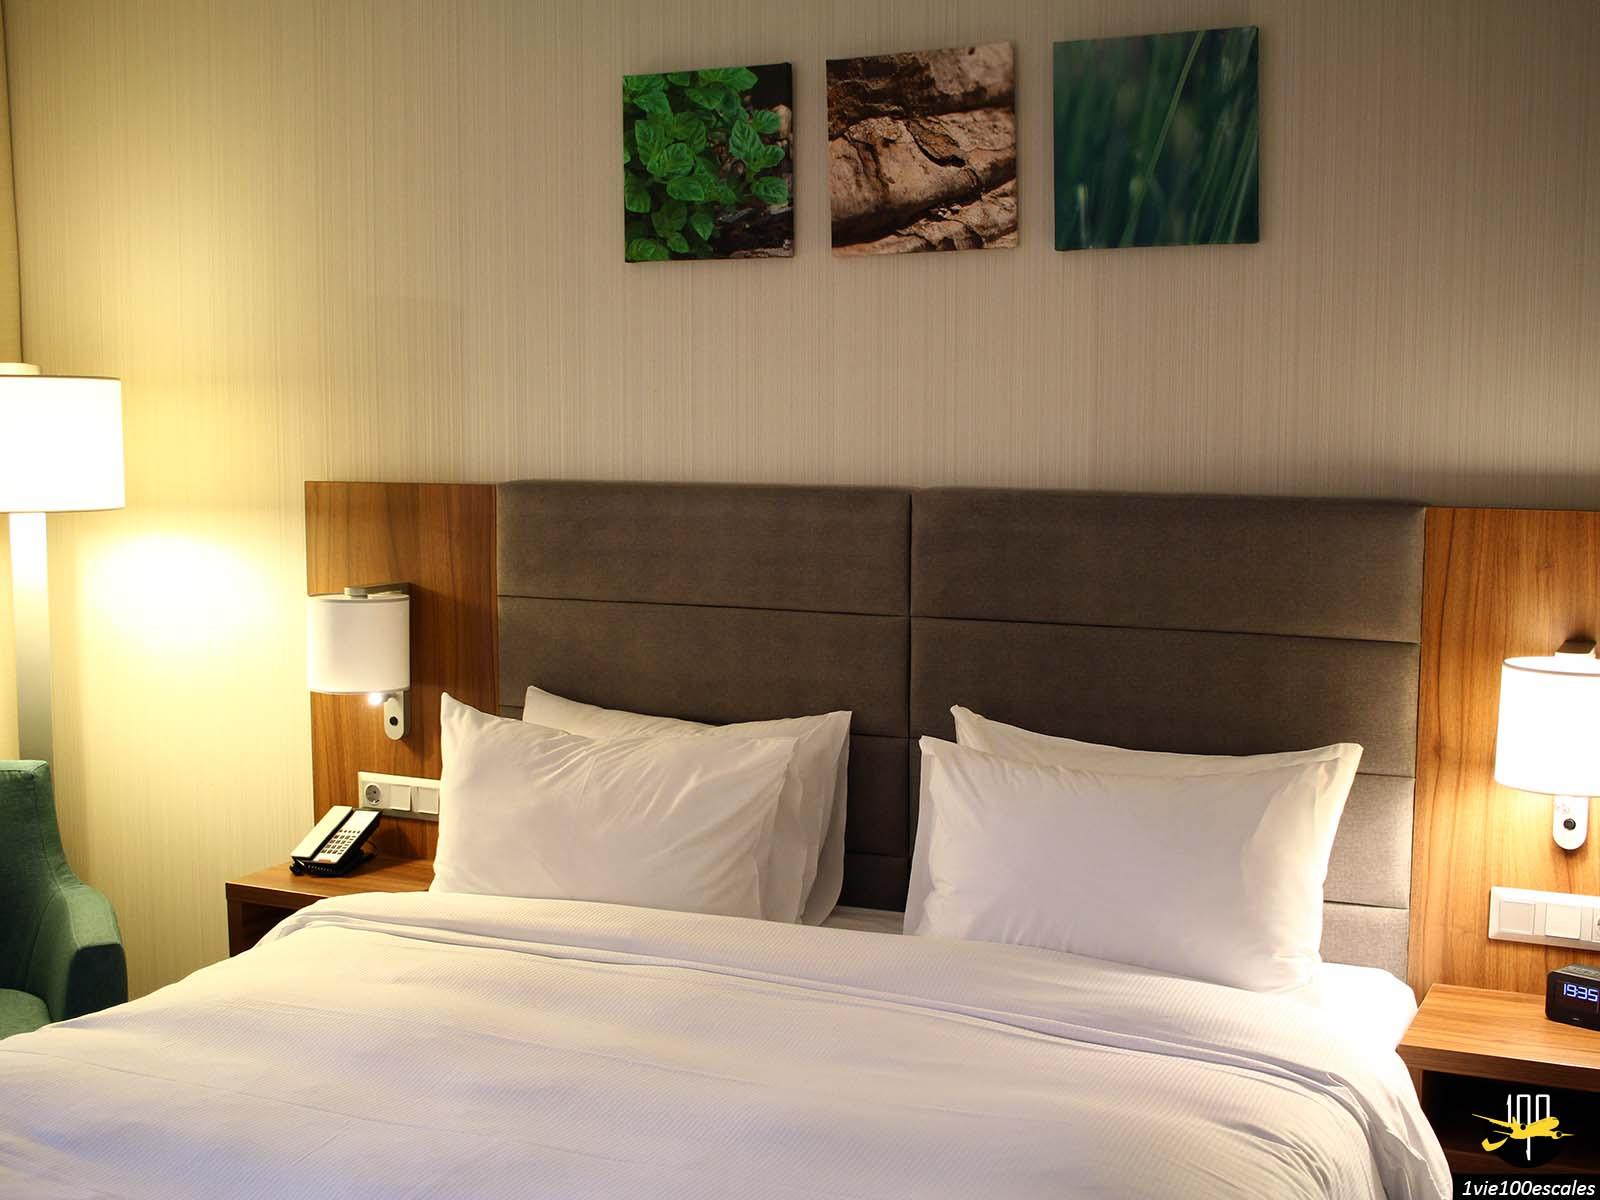 chambre hotel Hilton Garden Inn Bucharest bucarest roumanie